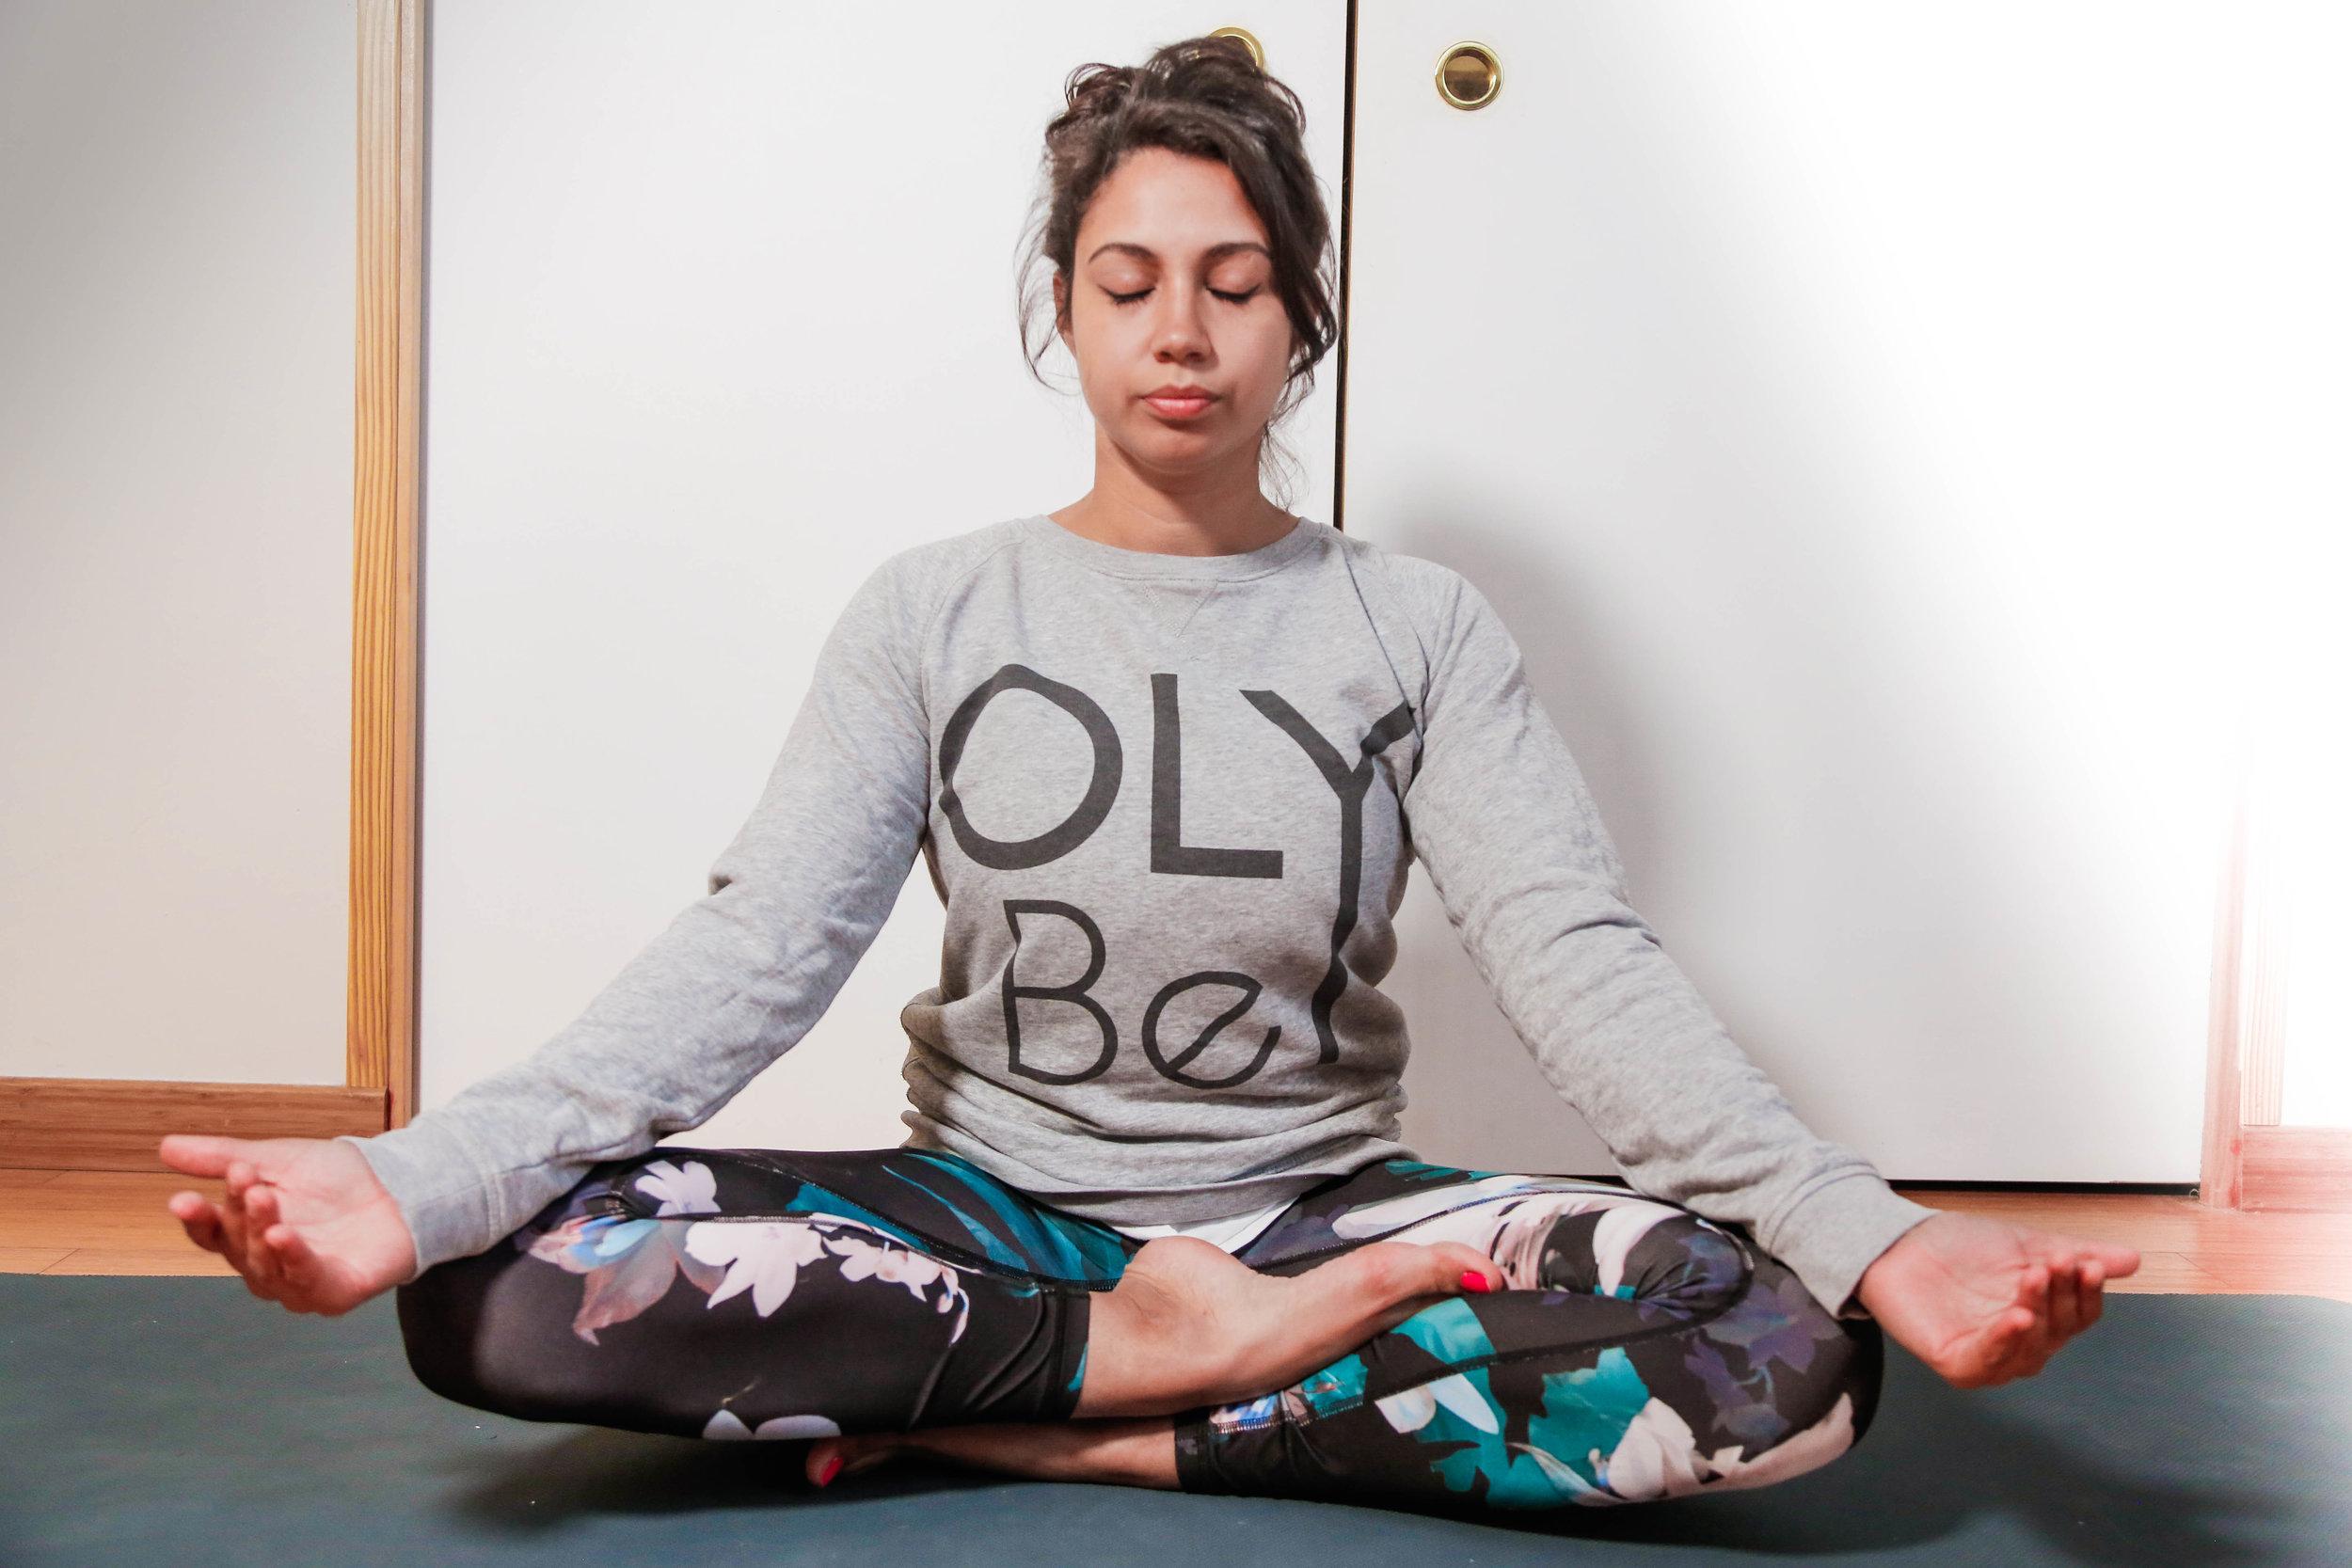 ANGELIQUE   Happy yogini,  Angélique  est l'une des toutes premières élèves OLY Be. Enthousiaste, curieuse et ouverte, elle cultive une grande volonté d'approfondir ses connaissances et l'importance d'apprendre à se reconnecter à soi alors même qu'elle vit dans un quotidien survolté ! Angélique est toujours ravie de faire des rencontres; n'hésitez pas à aller lui dire bonjour la prochaine fois que vous la verrez sur un tapis !